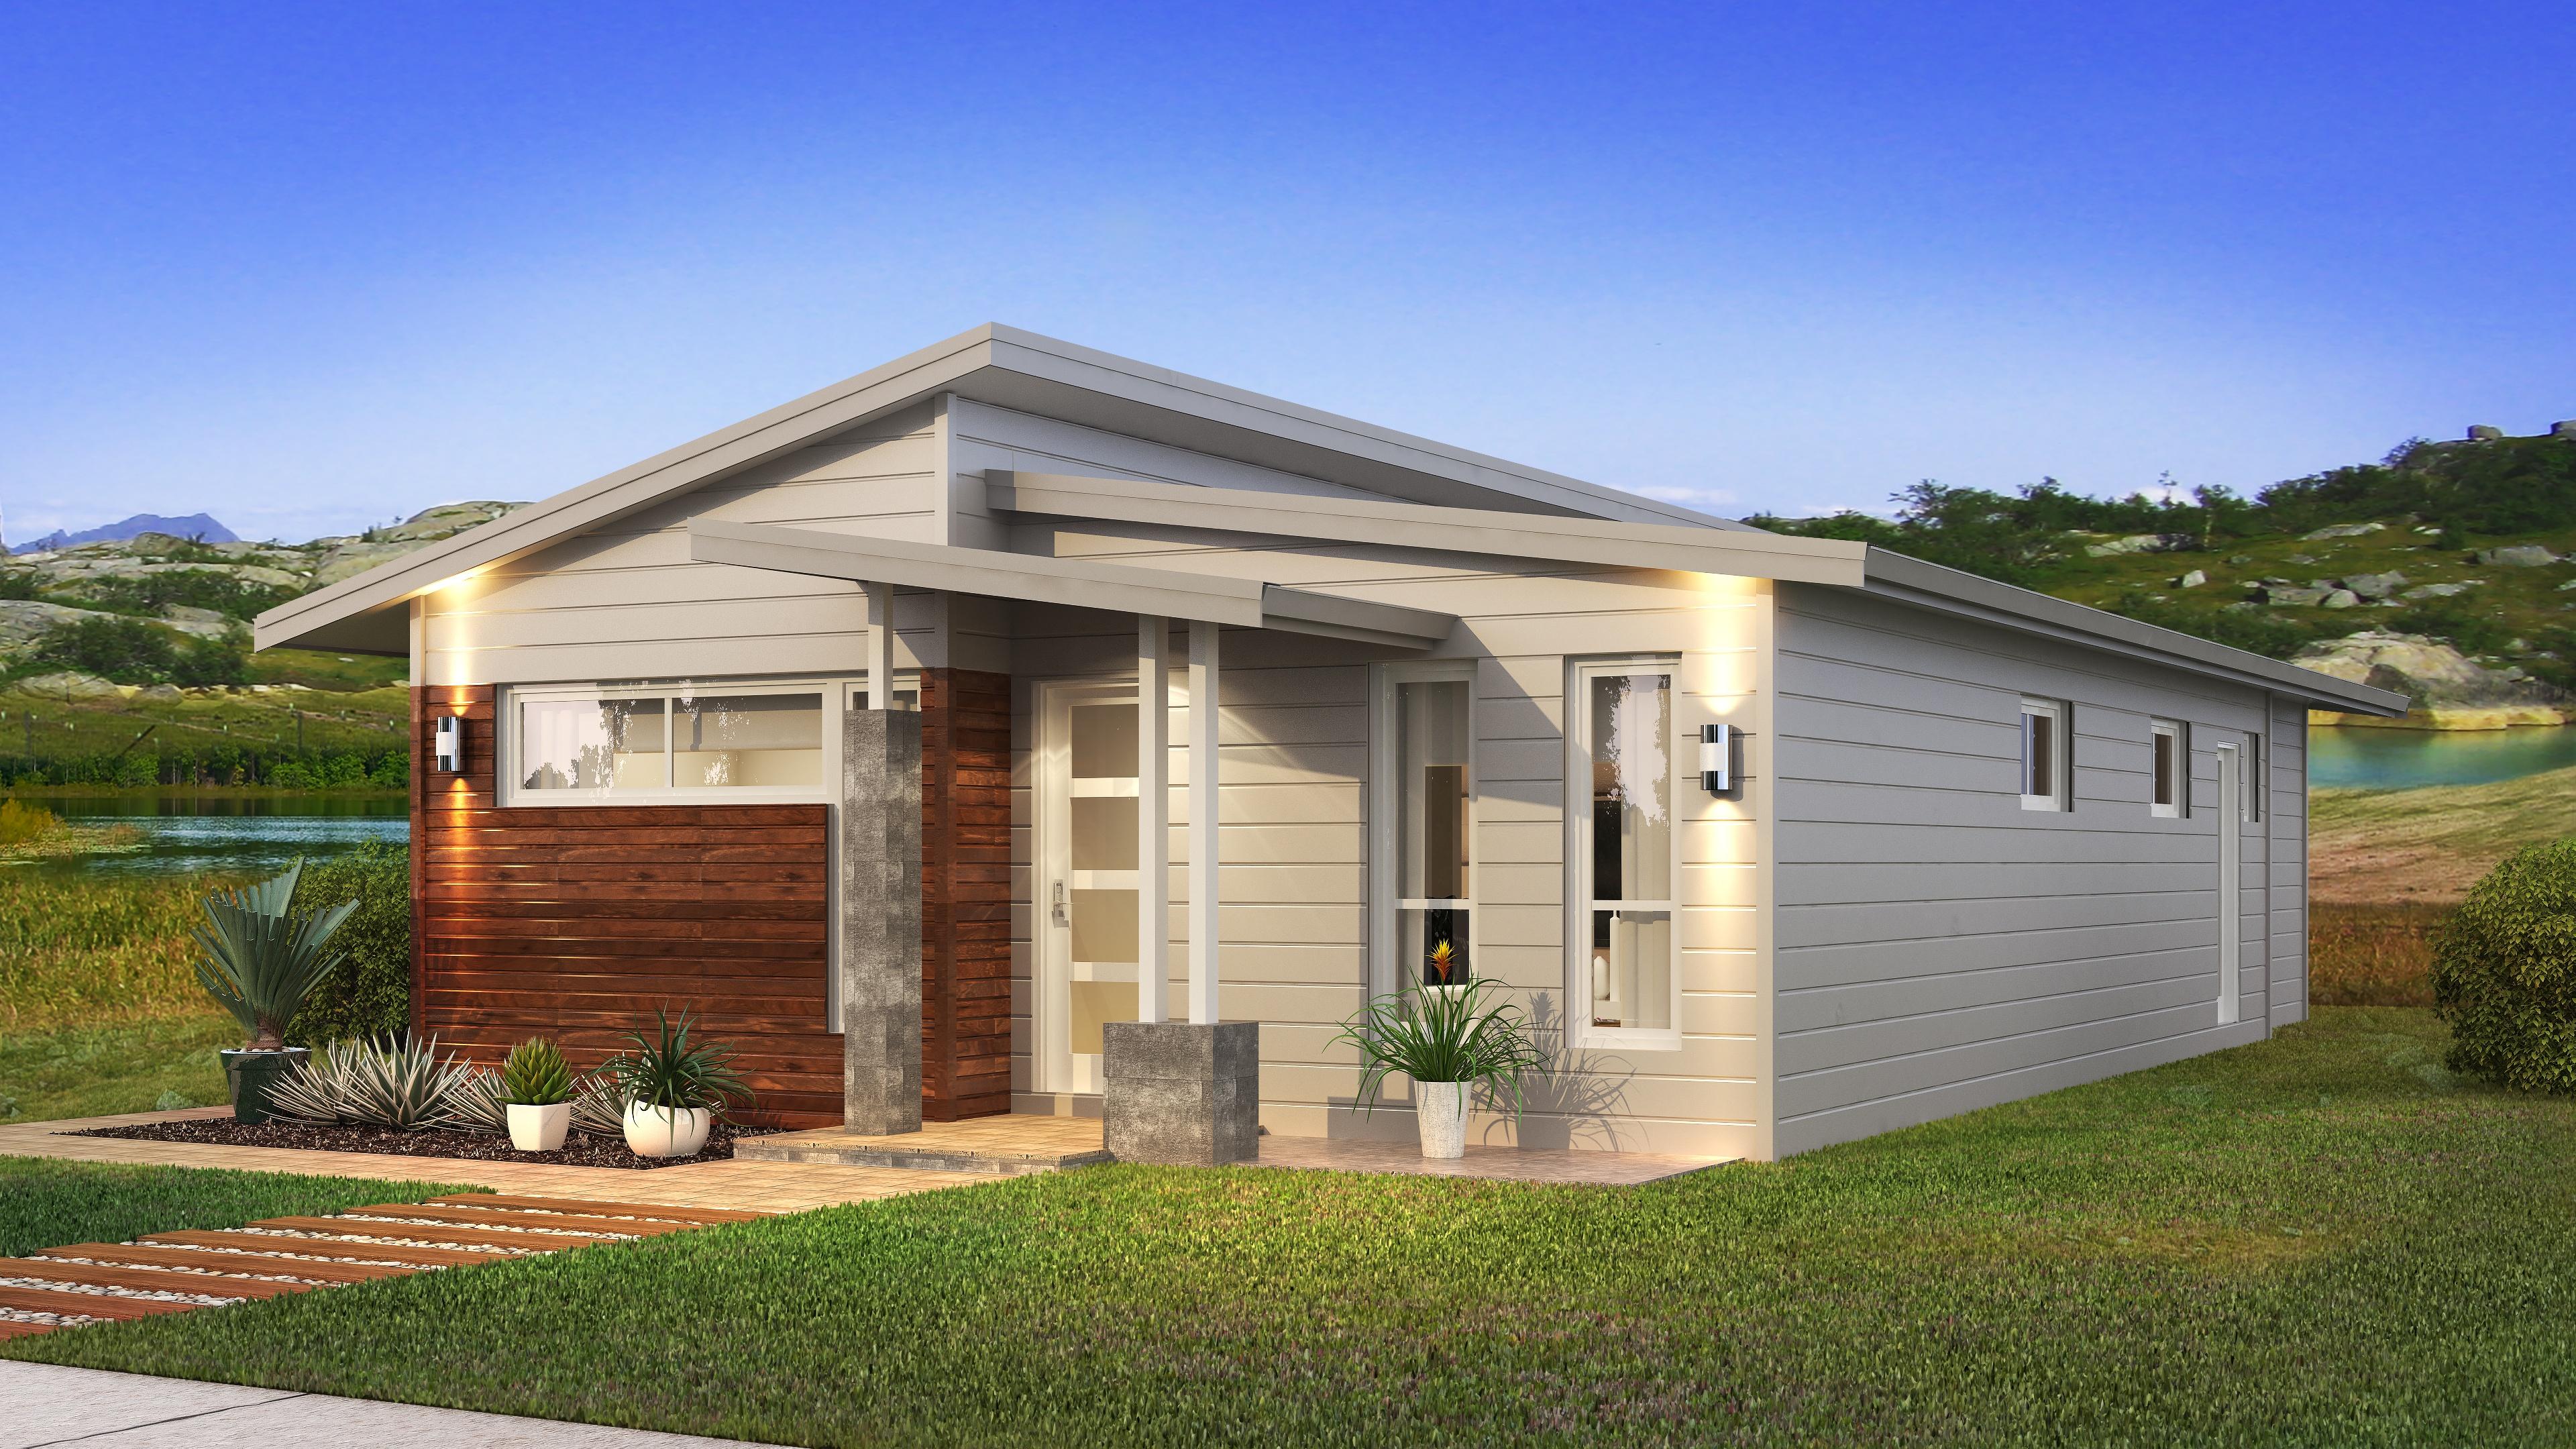 The Adair with Skillion Facade Home Design | Evoke Living Homes